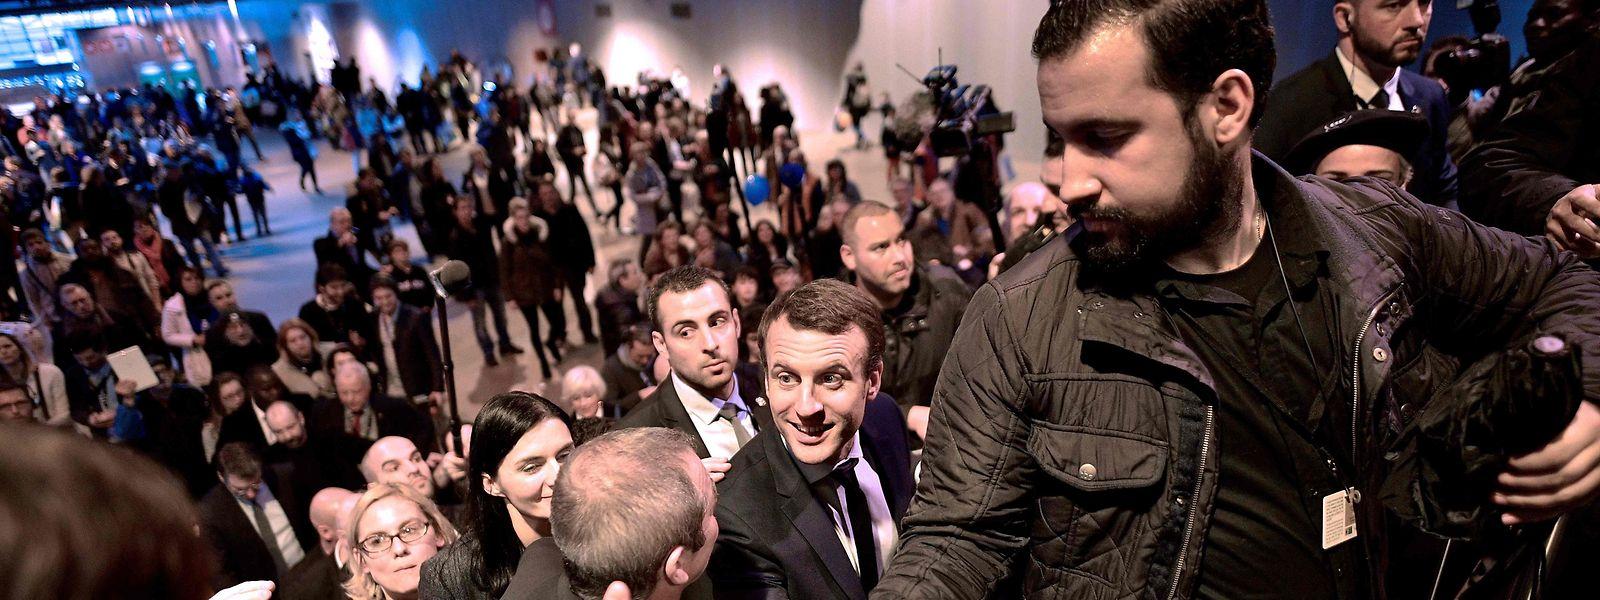 Alexandre Benalla sollte als Sicherheitsbeauftragter des französischen Präsidenten eigentlich im Hintergrund bleiben.